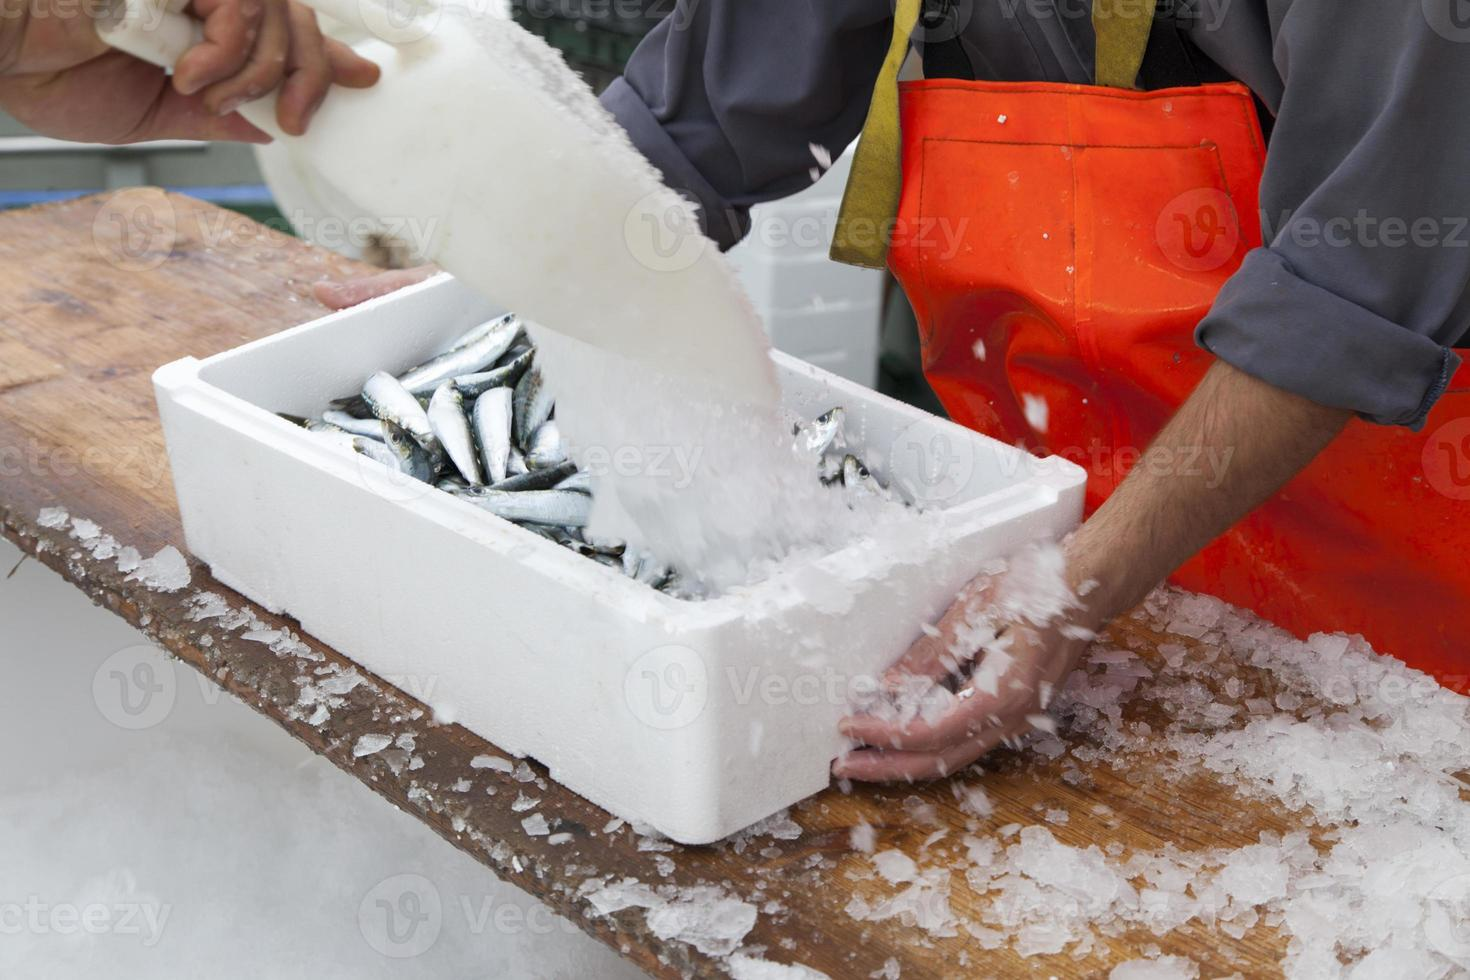 pescadores preparam sardinha para transporte foto